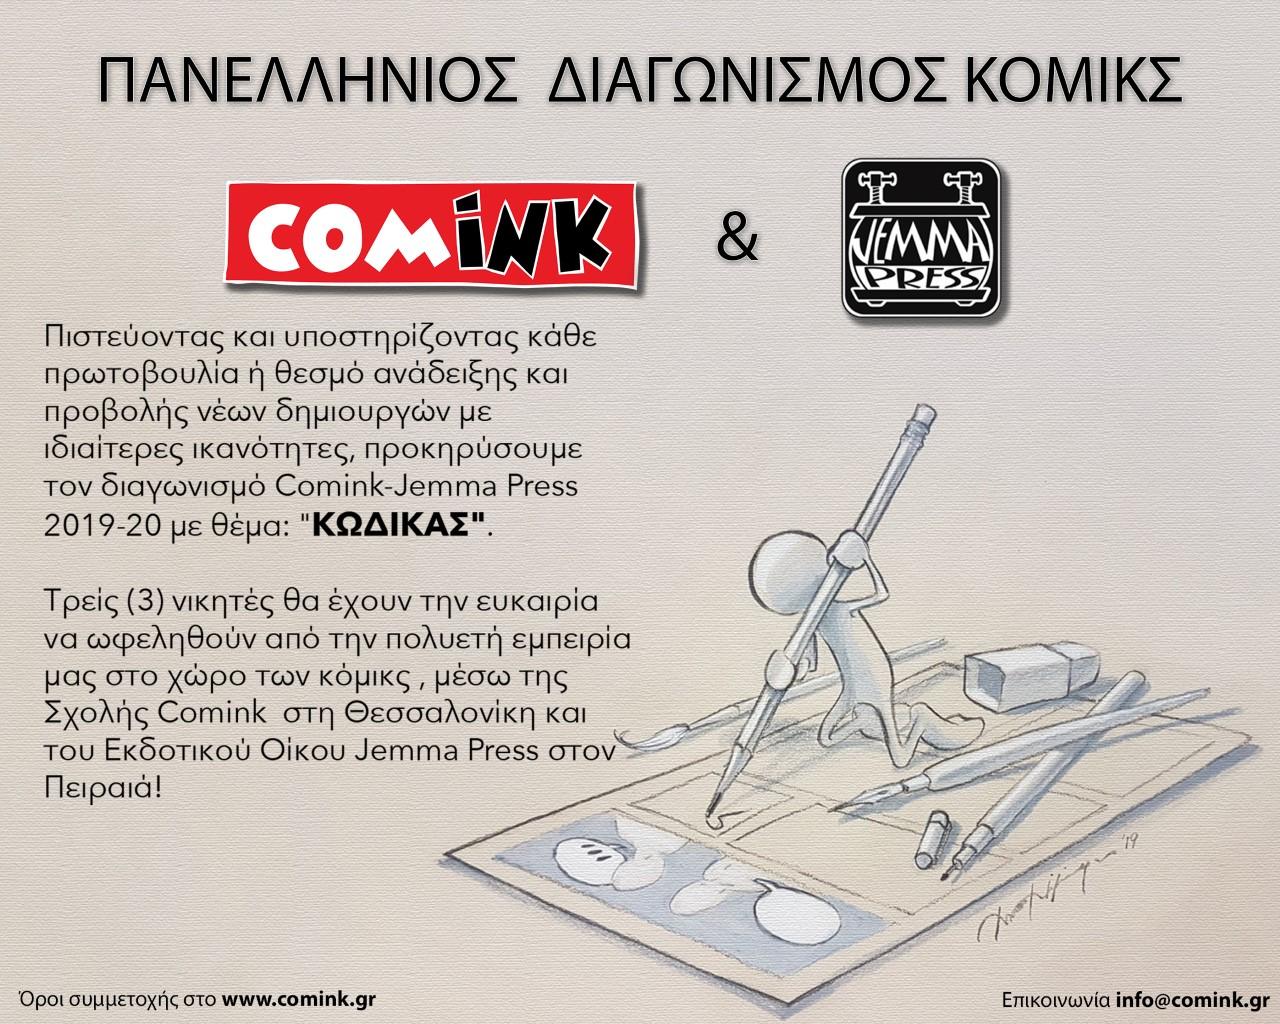 Αποτελέσματα Διαγωνισμού Comink-Jemma Press 2019